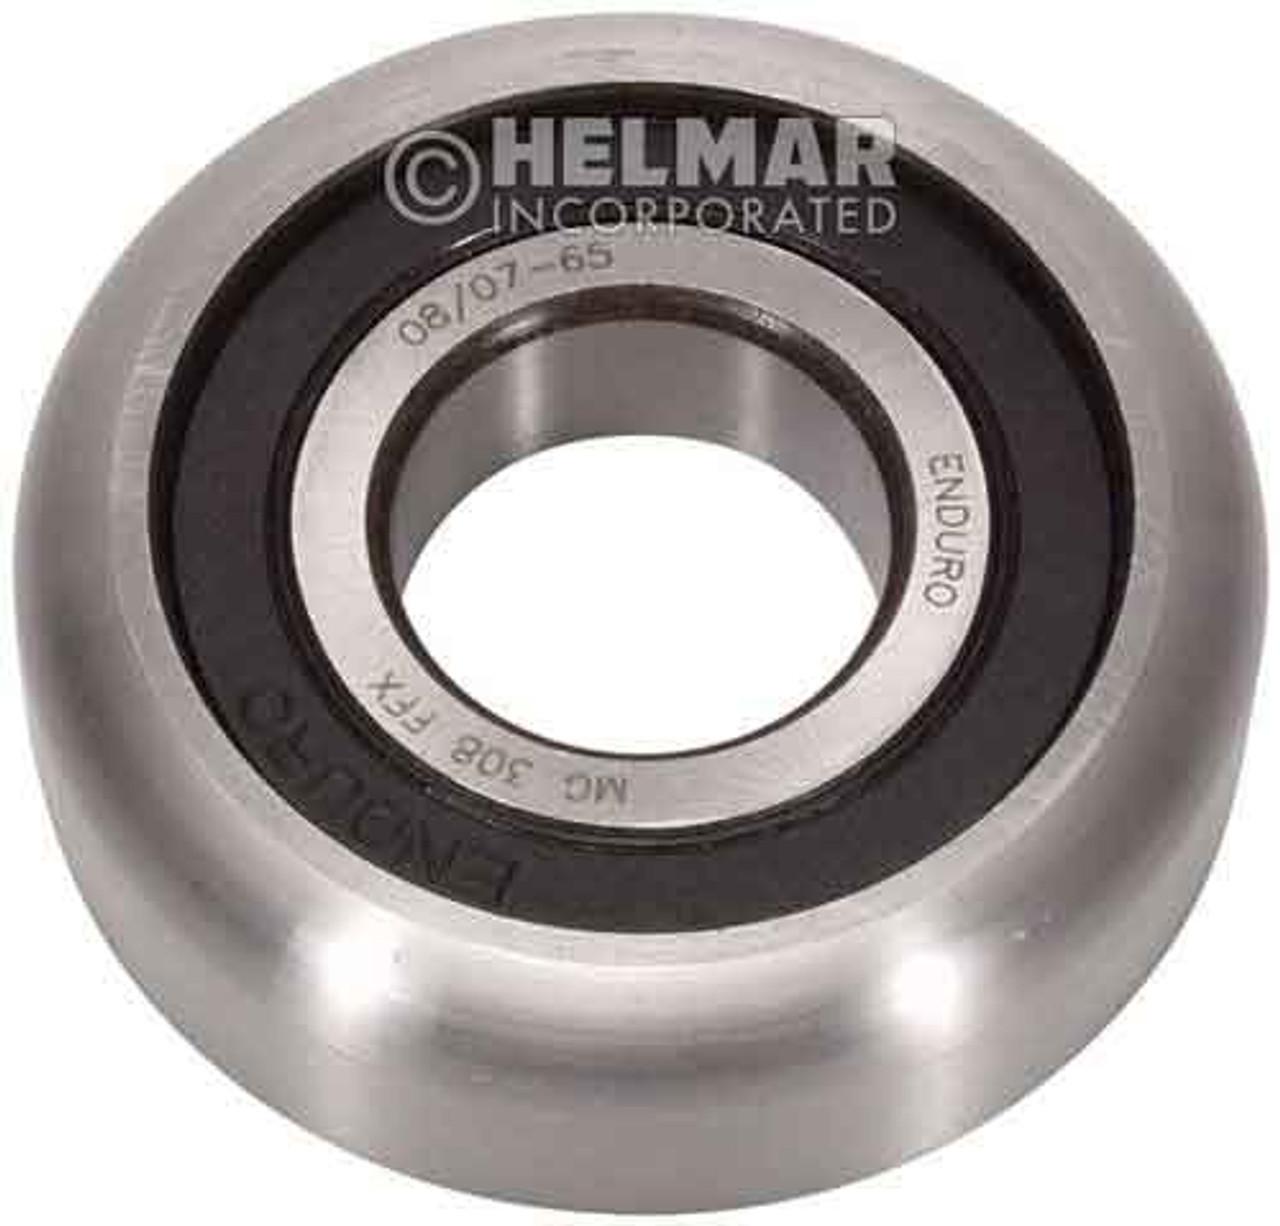 2801859 Clark Mast Roller Bearing 28.42mm Wide, 101.19mm Outer Diameter, 39.76mm Inner Diameter